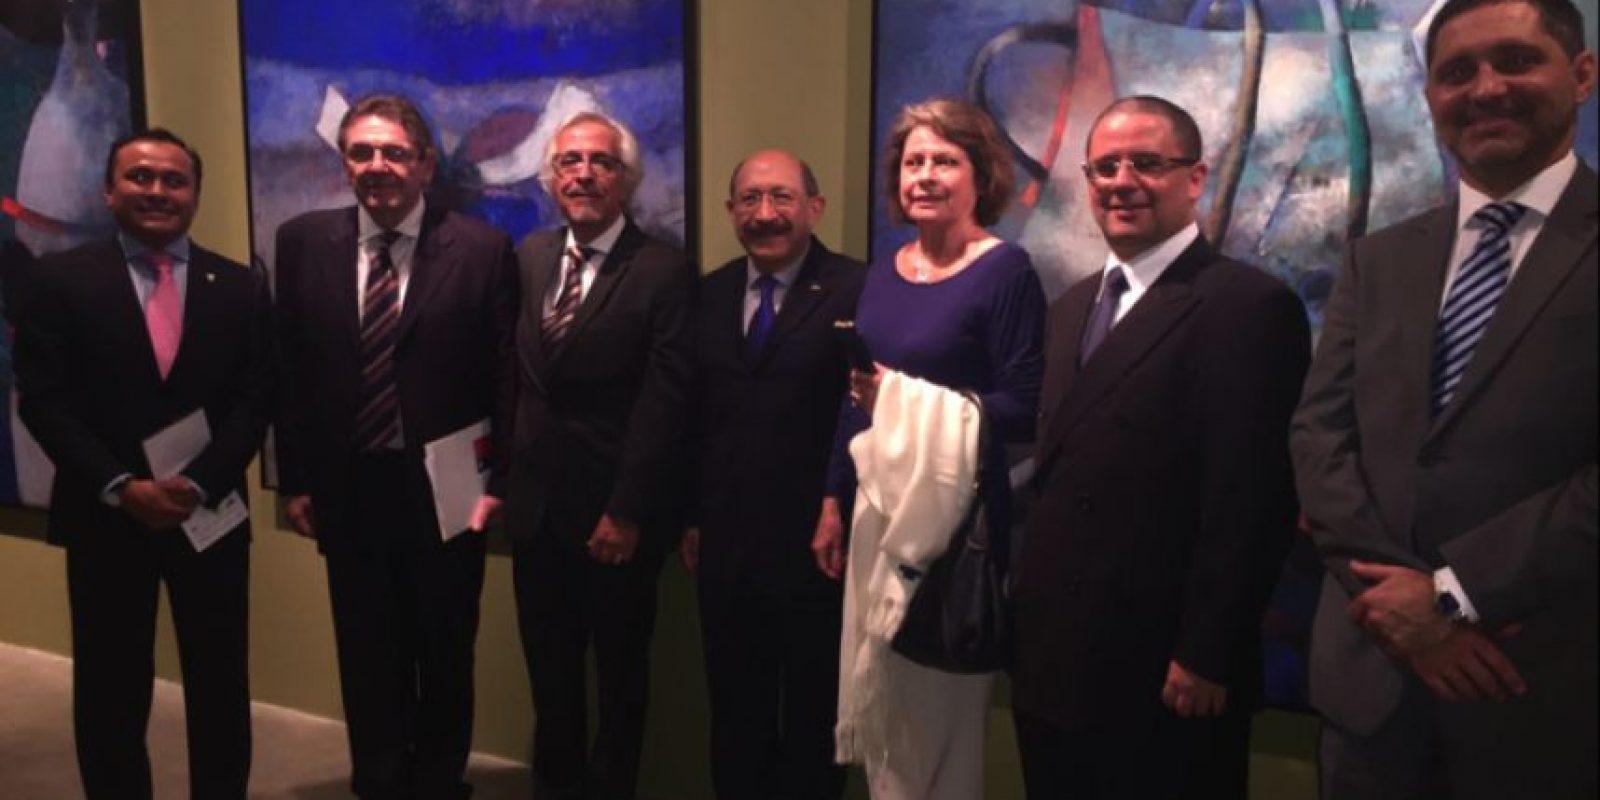 Foto:Embajada de Guatemala en Brasil